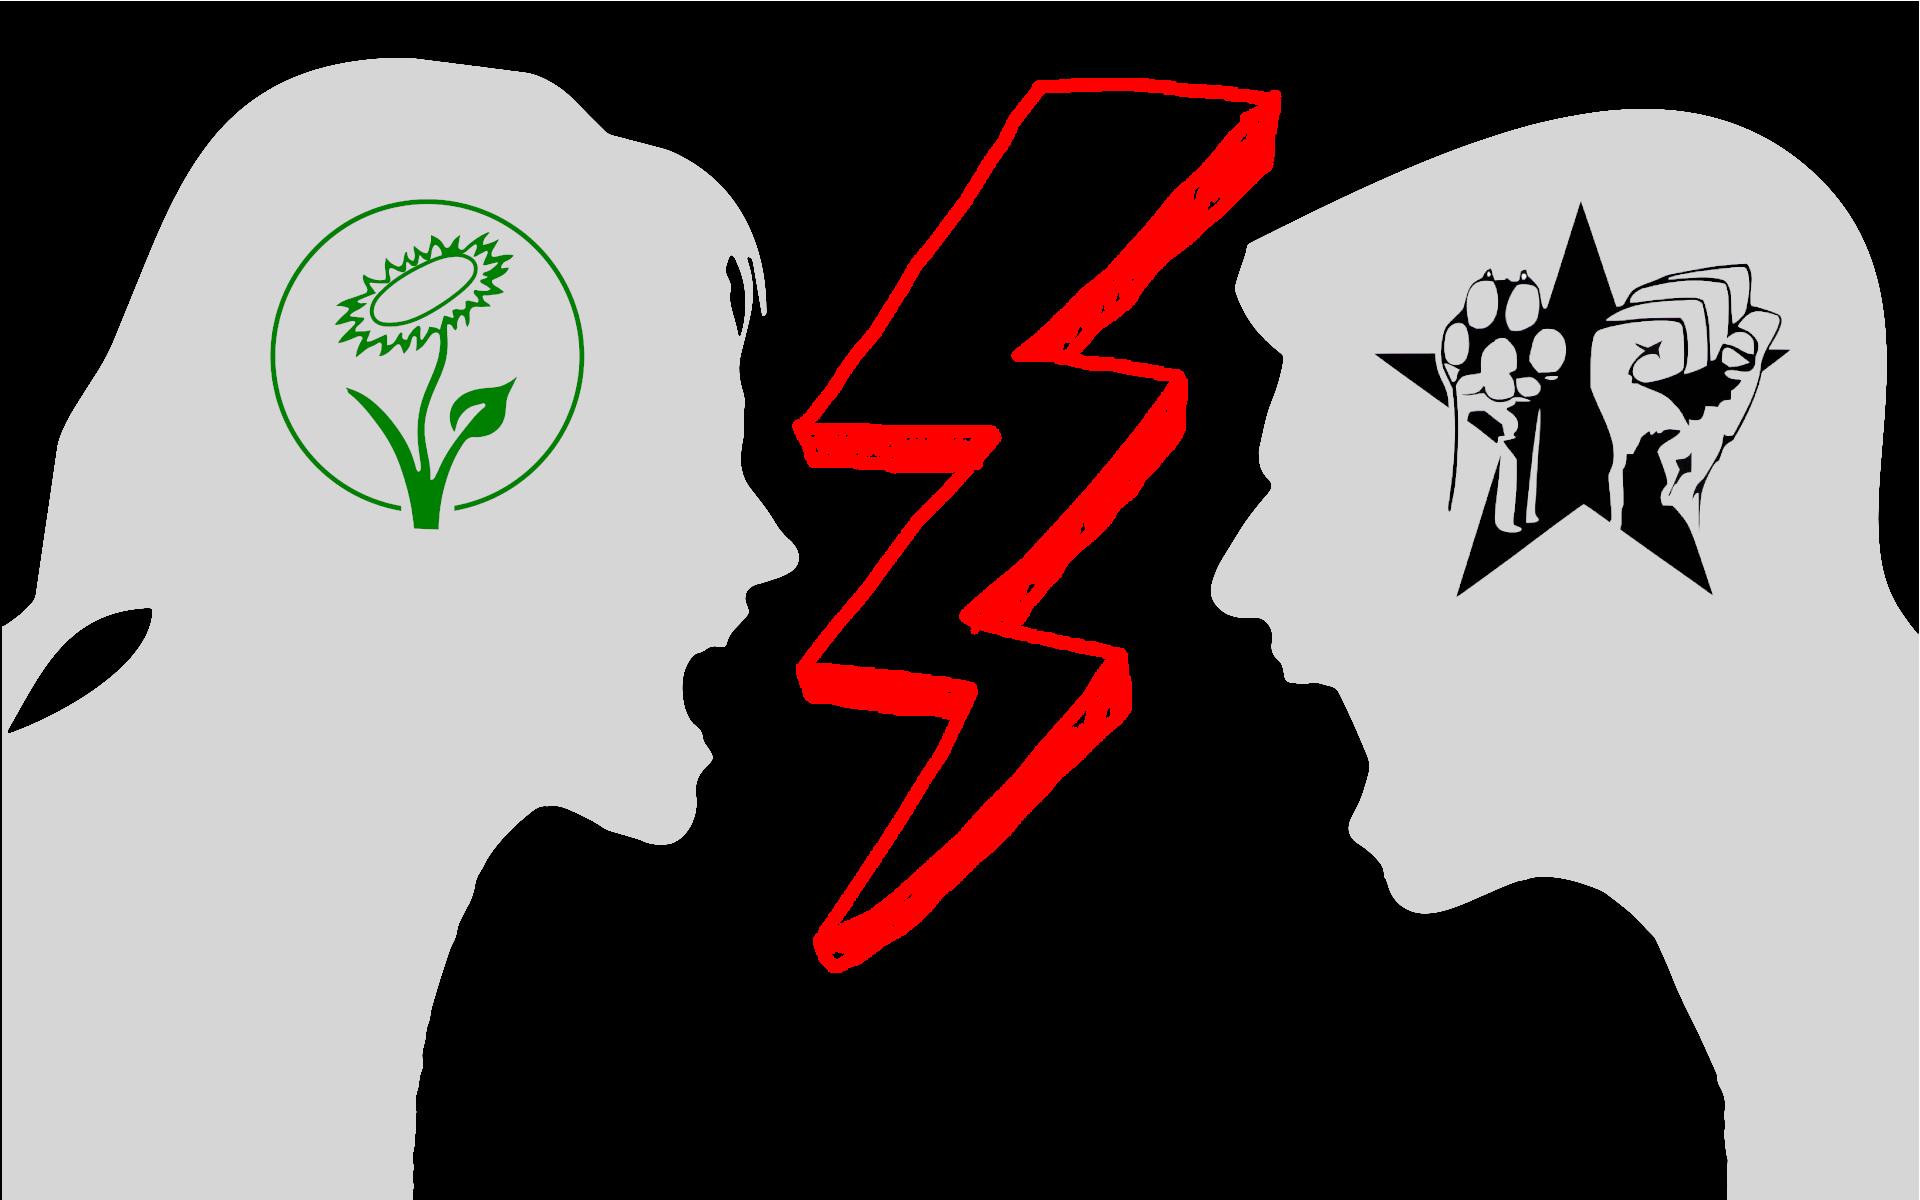 Veganismus – eine kurze Analyse der Szene, wie sie sich selbst zerstört und warum das gut ist